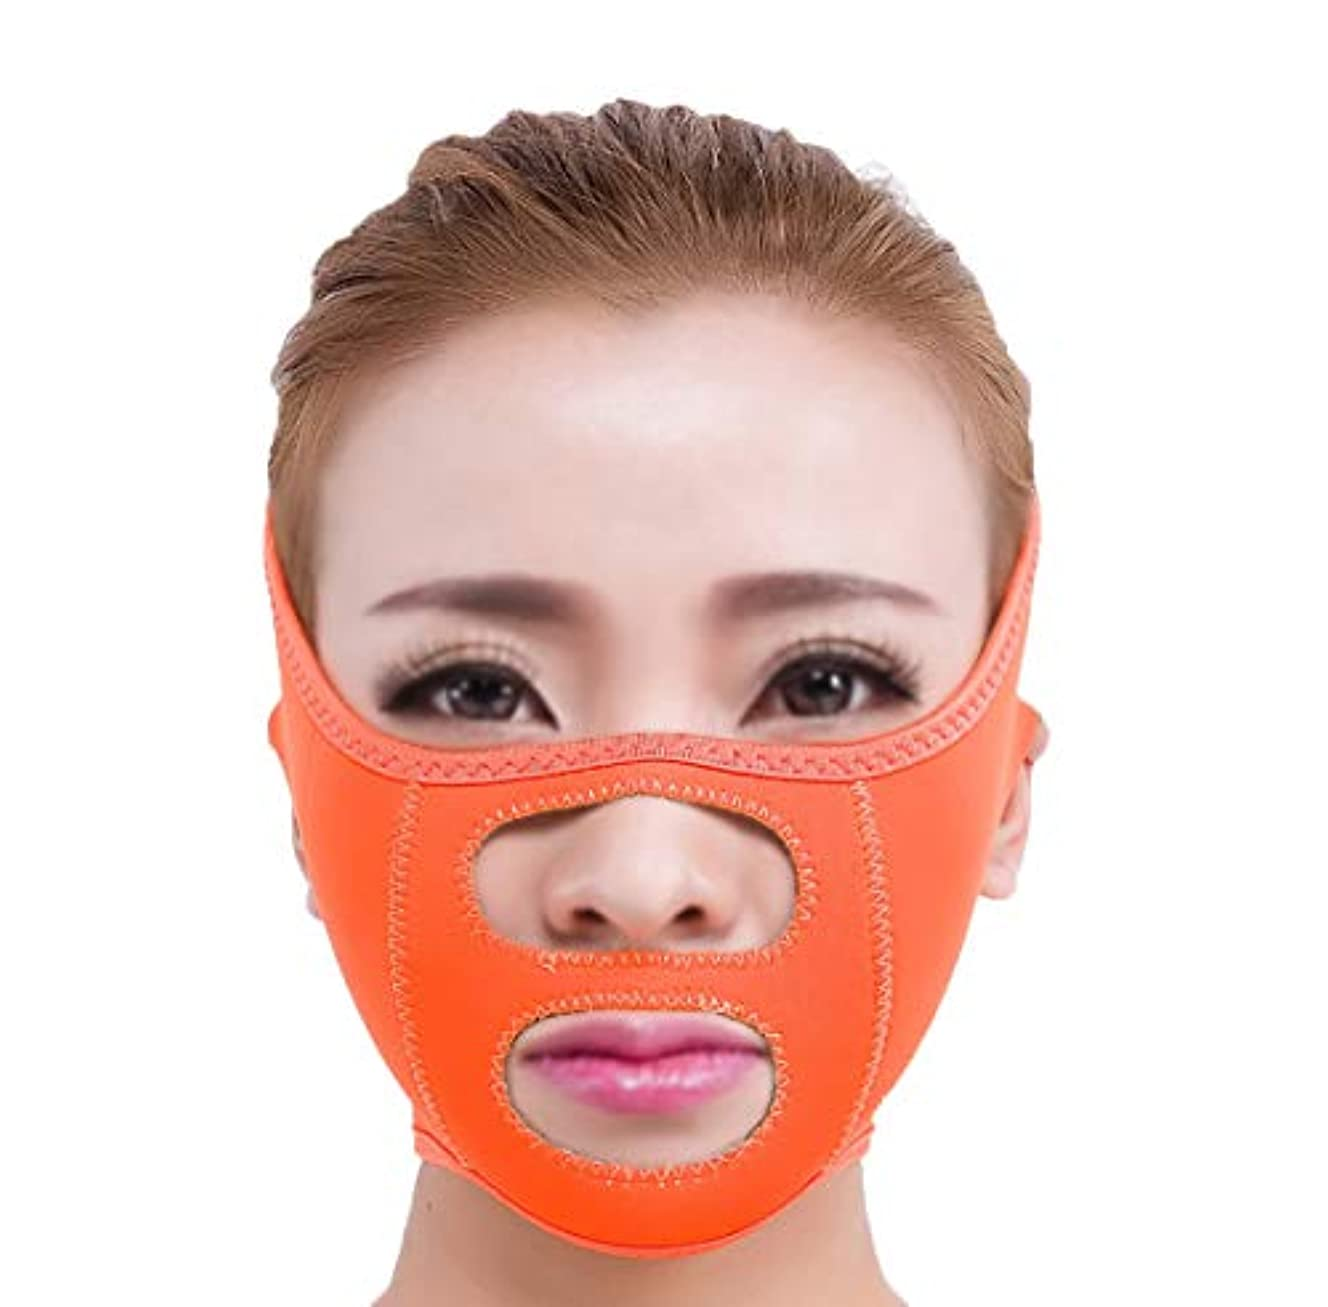 誤解を招く資金お風呂を持っているGLJJQMY スリムベルトマスク薄い顔マスク睡眠薄い顔マスク薄い顔包帯薄い顔アーティファクト薄い顔薄い顔薄い顔小さいV顔睡眠薄い顔ベルト 顔用整形マスク (Color : Blue)